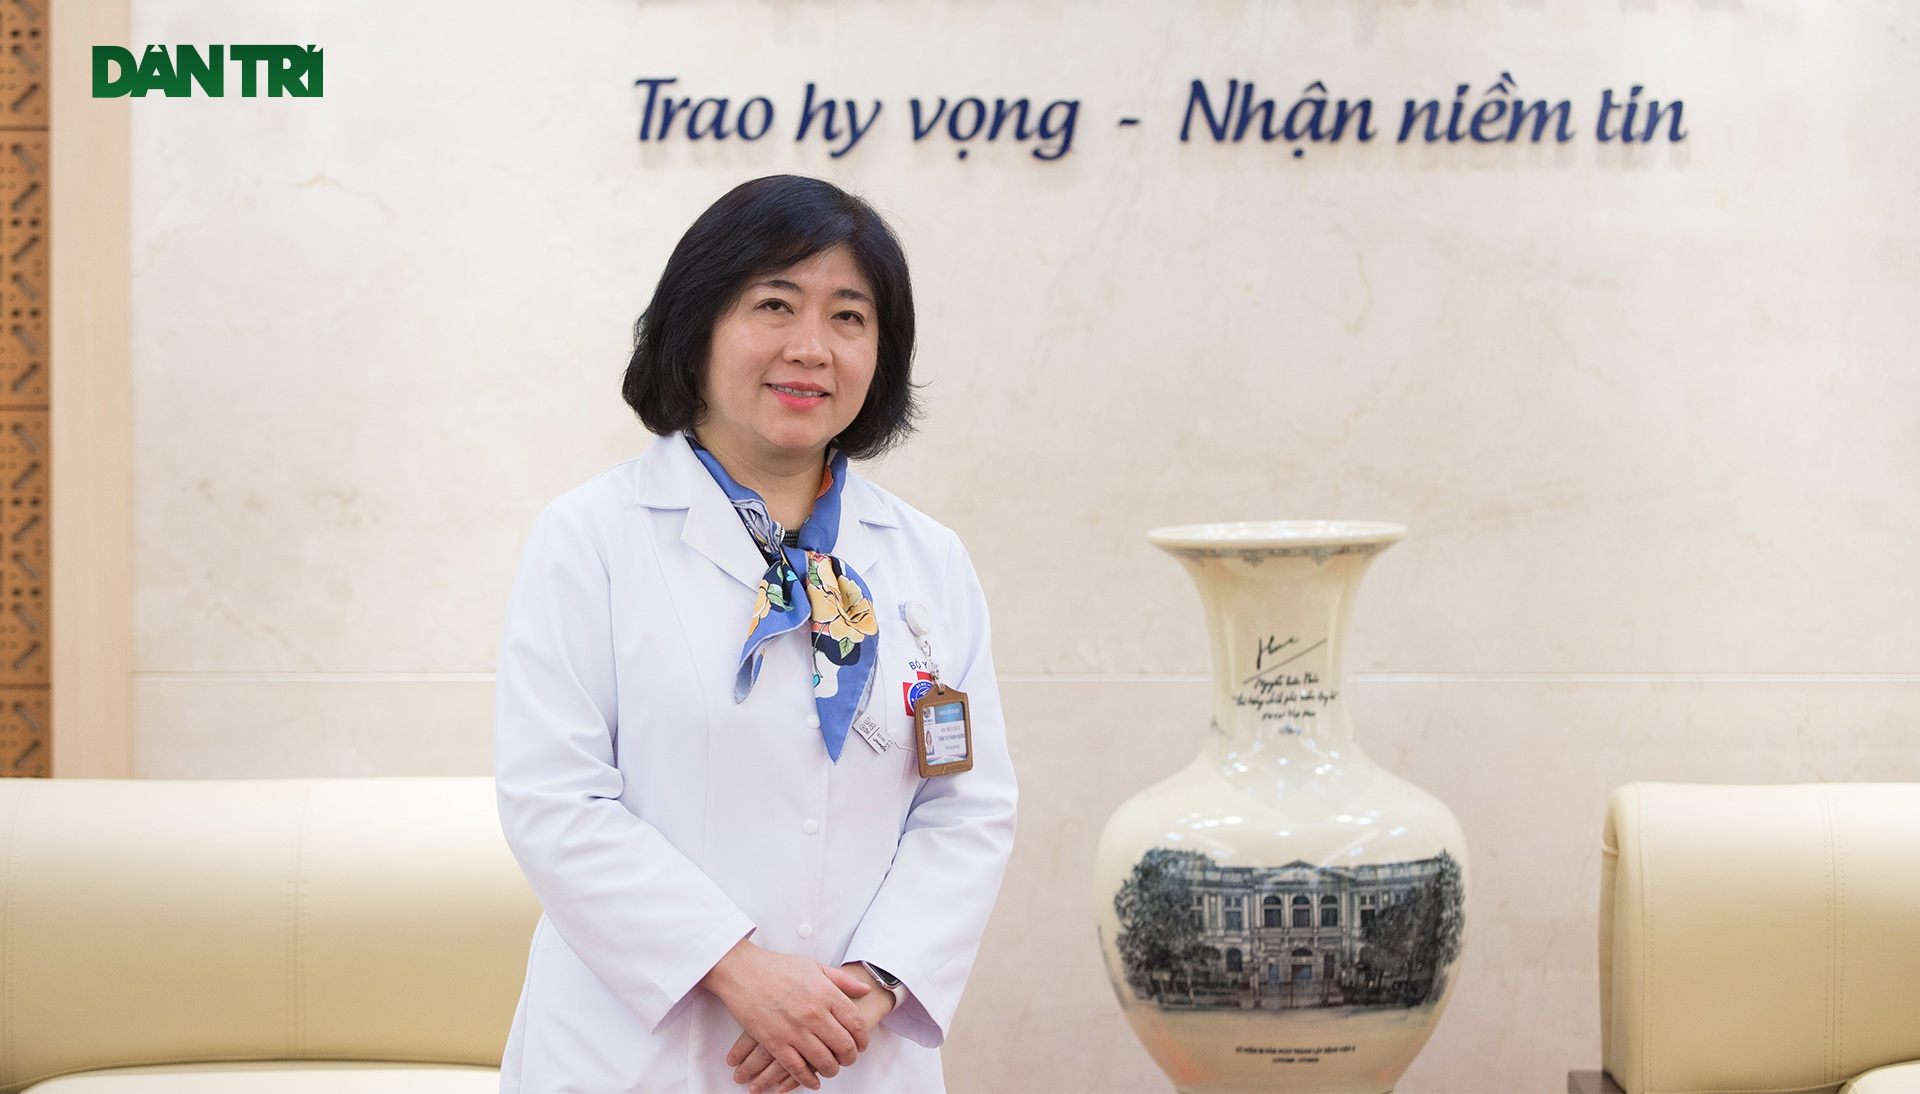 PGS Trần Thanh Hương - Người mang niềm vui tới hàng vạn bệnh nhân ung thư - 10